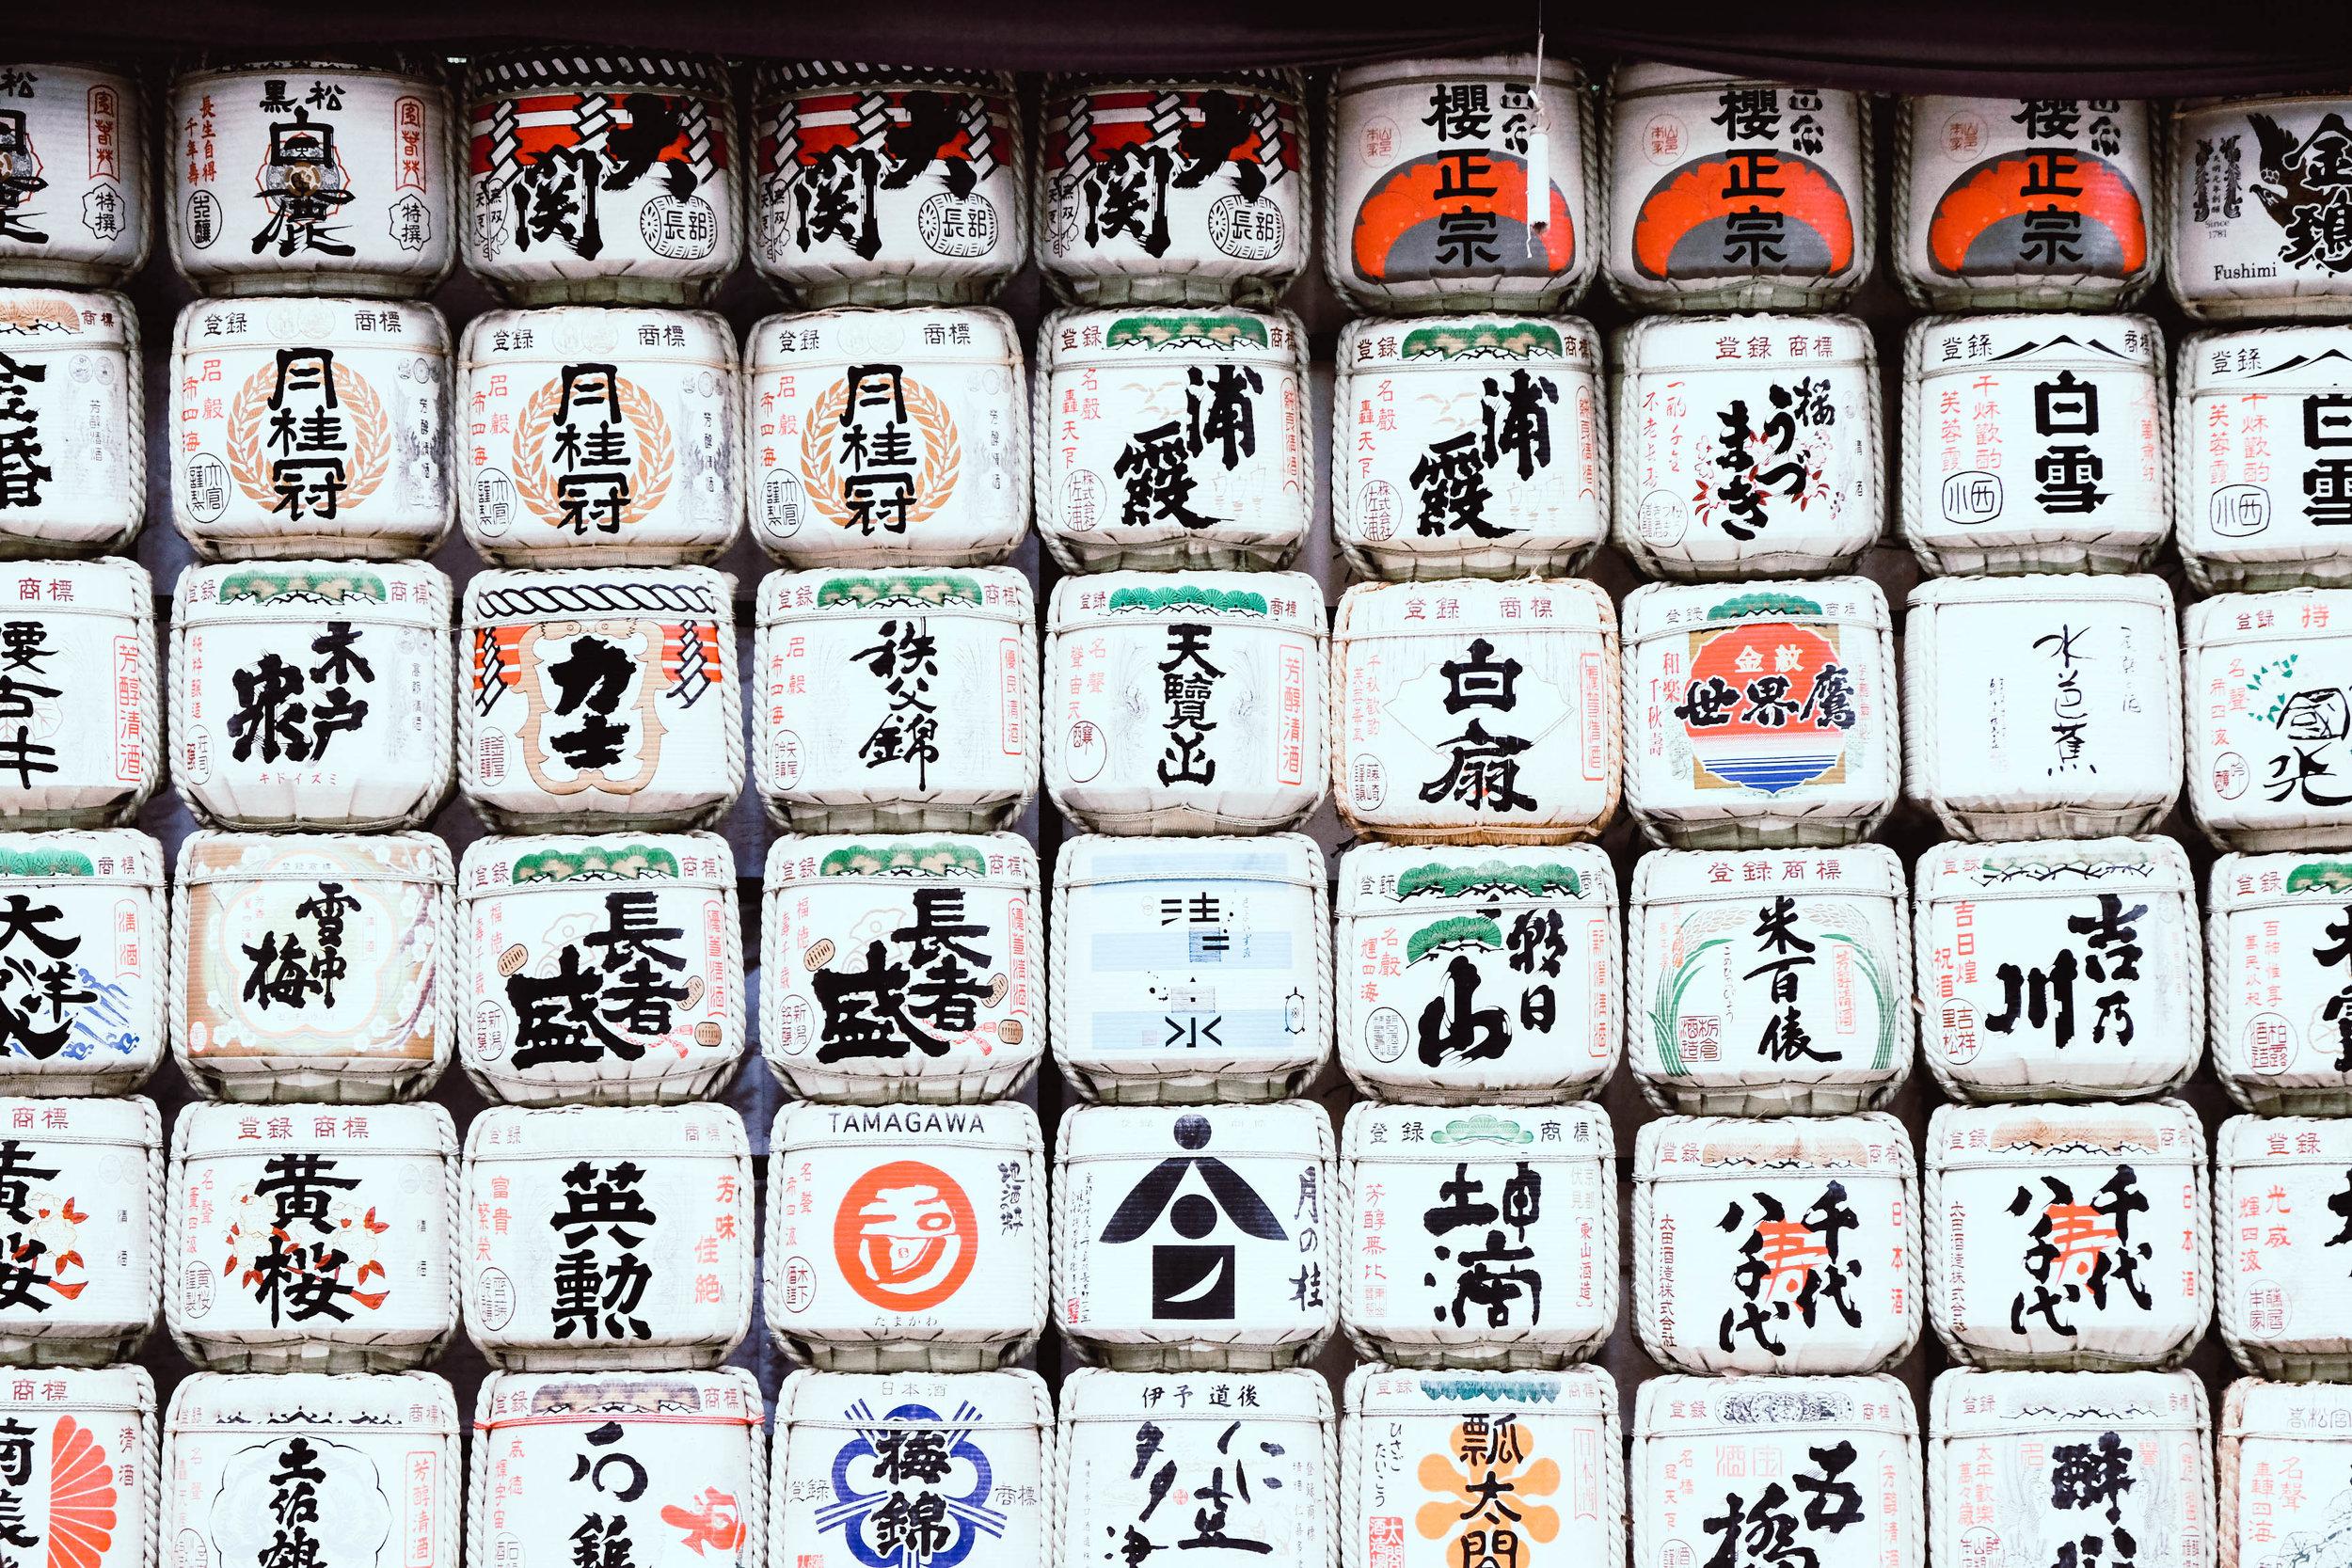 8.27.19_tokyo-7.jpg